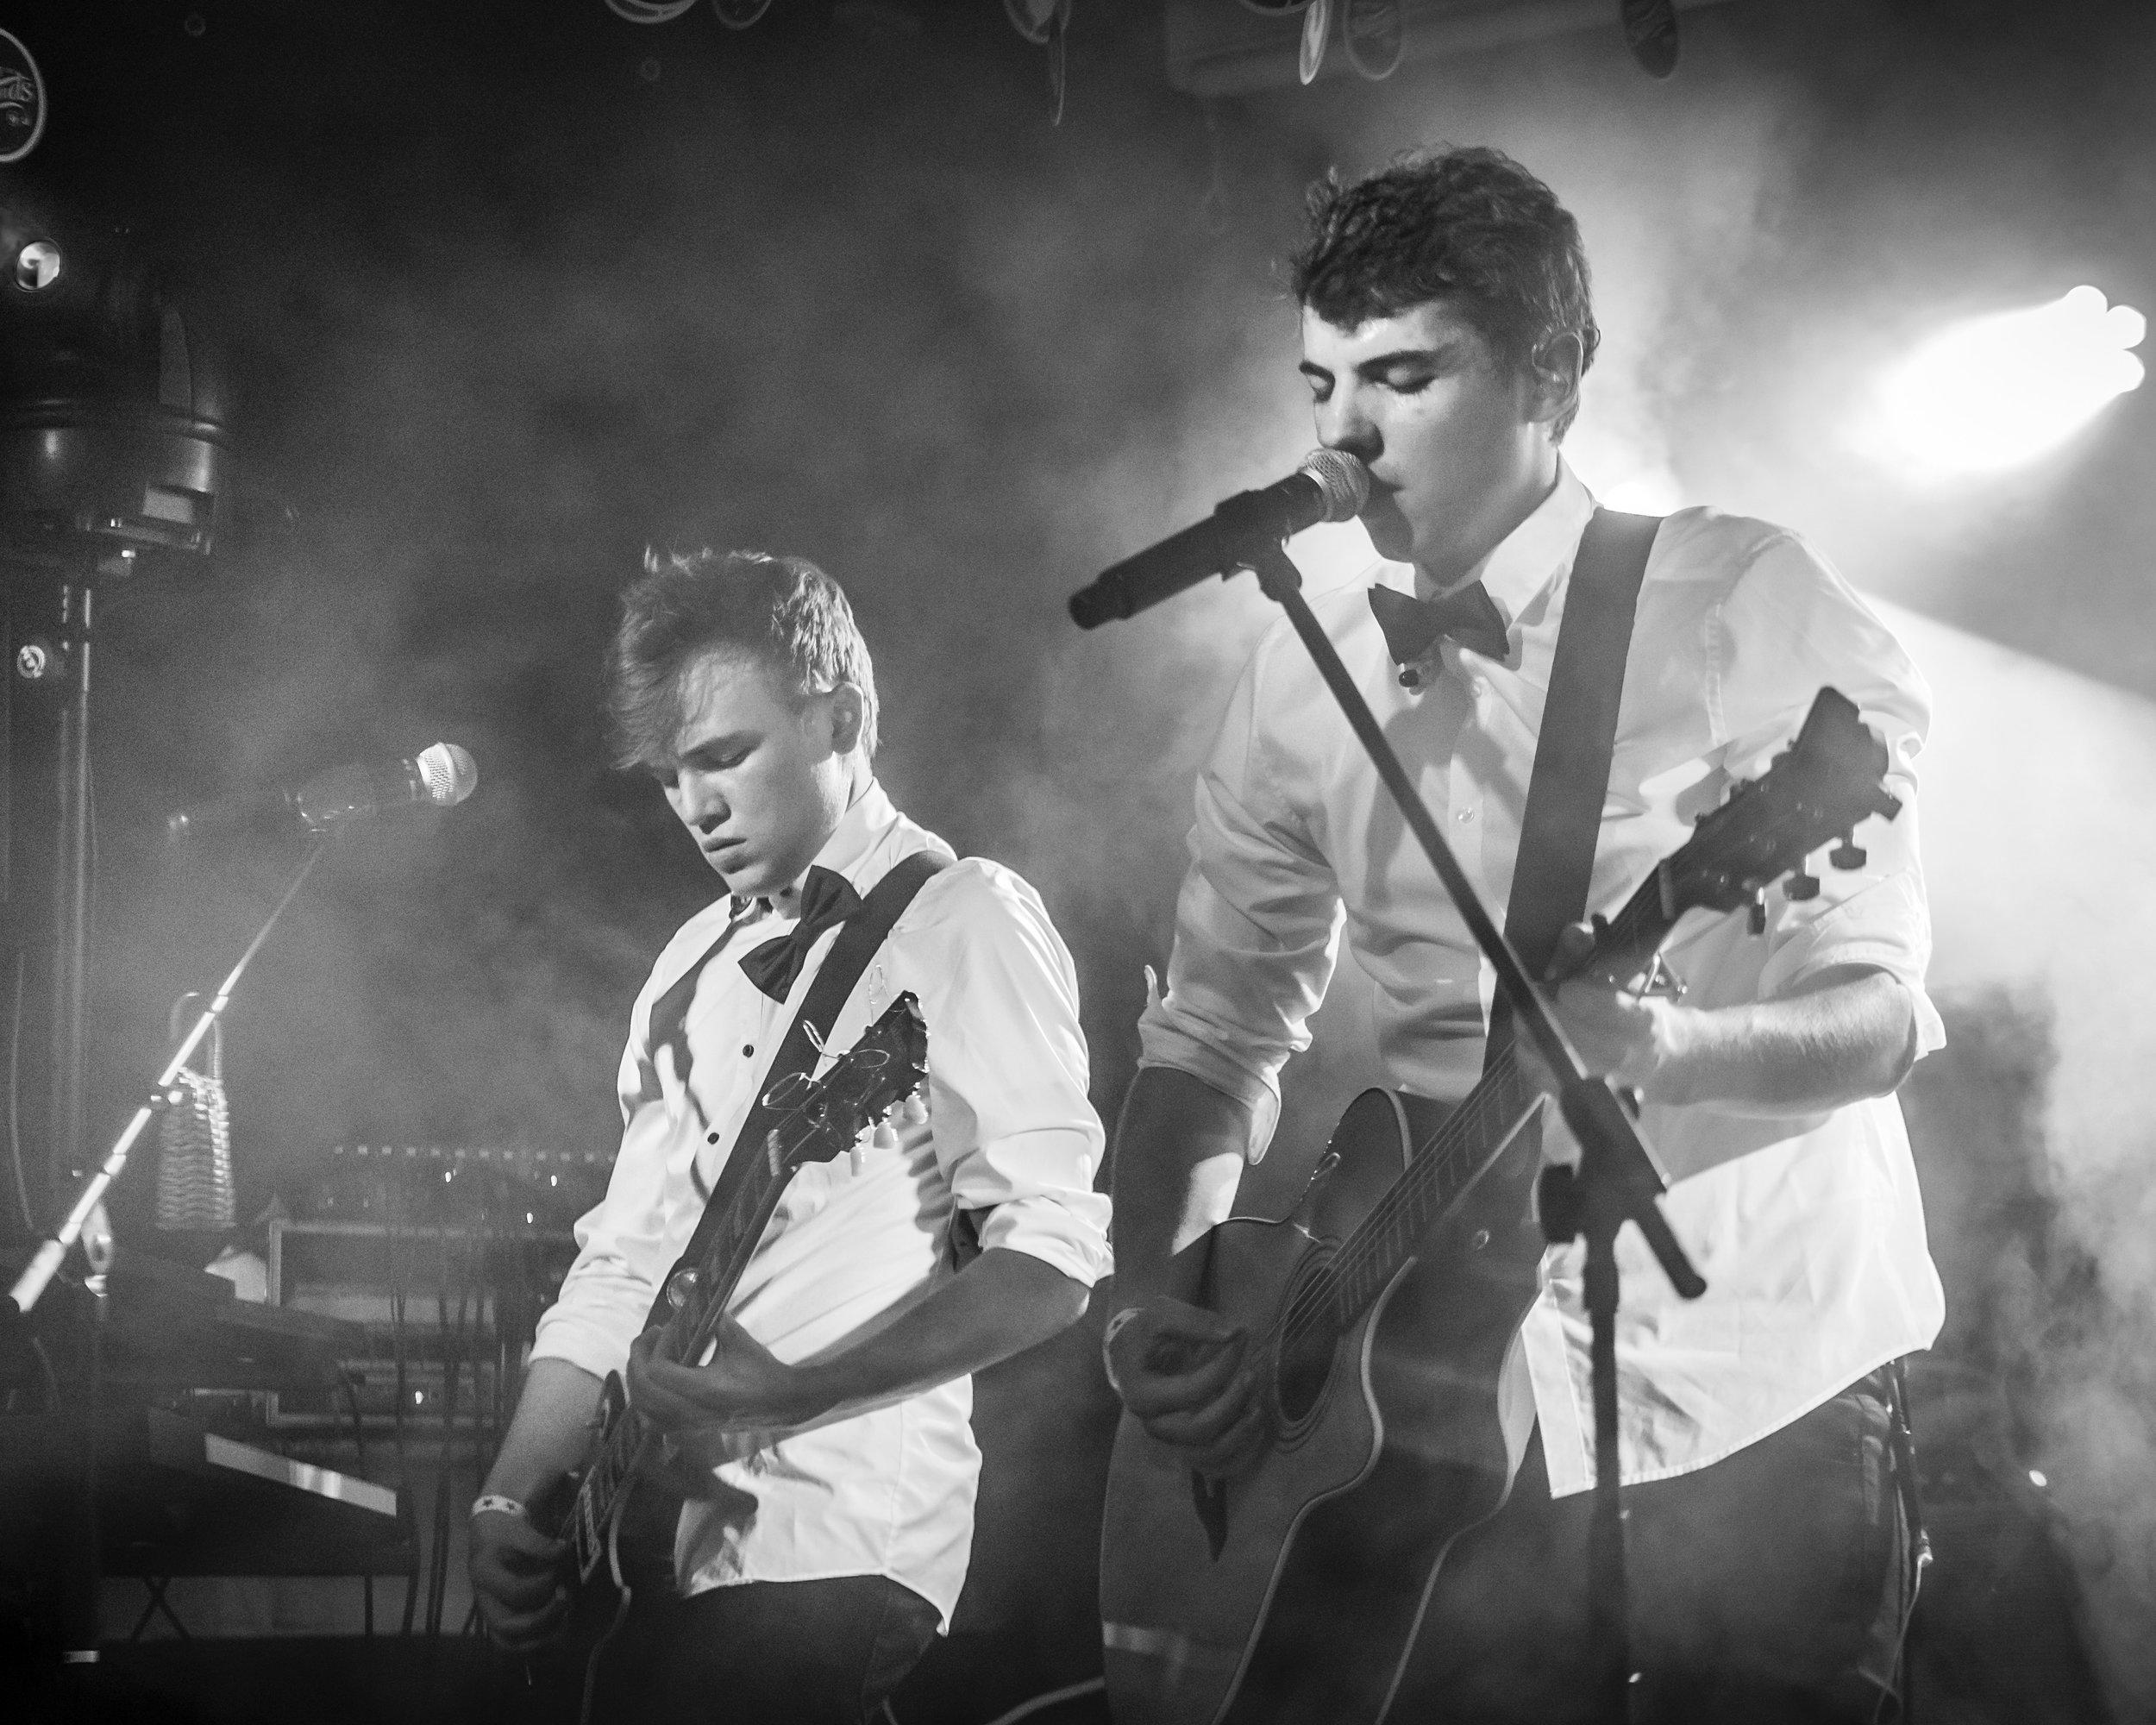 Wir suchen... - Wir suchen Bands oder Solokünstler aus der Region Zürich im Alter zwischen 16 und 22 Jahren.